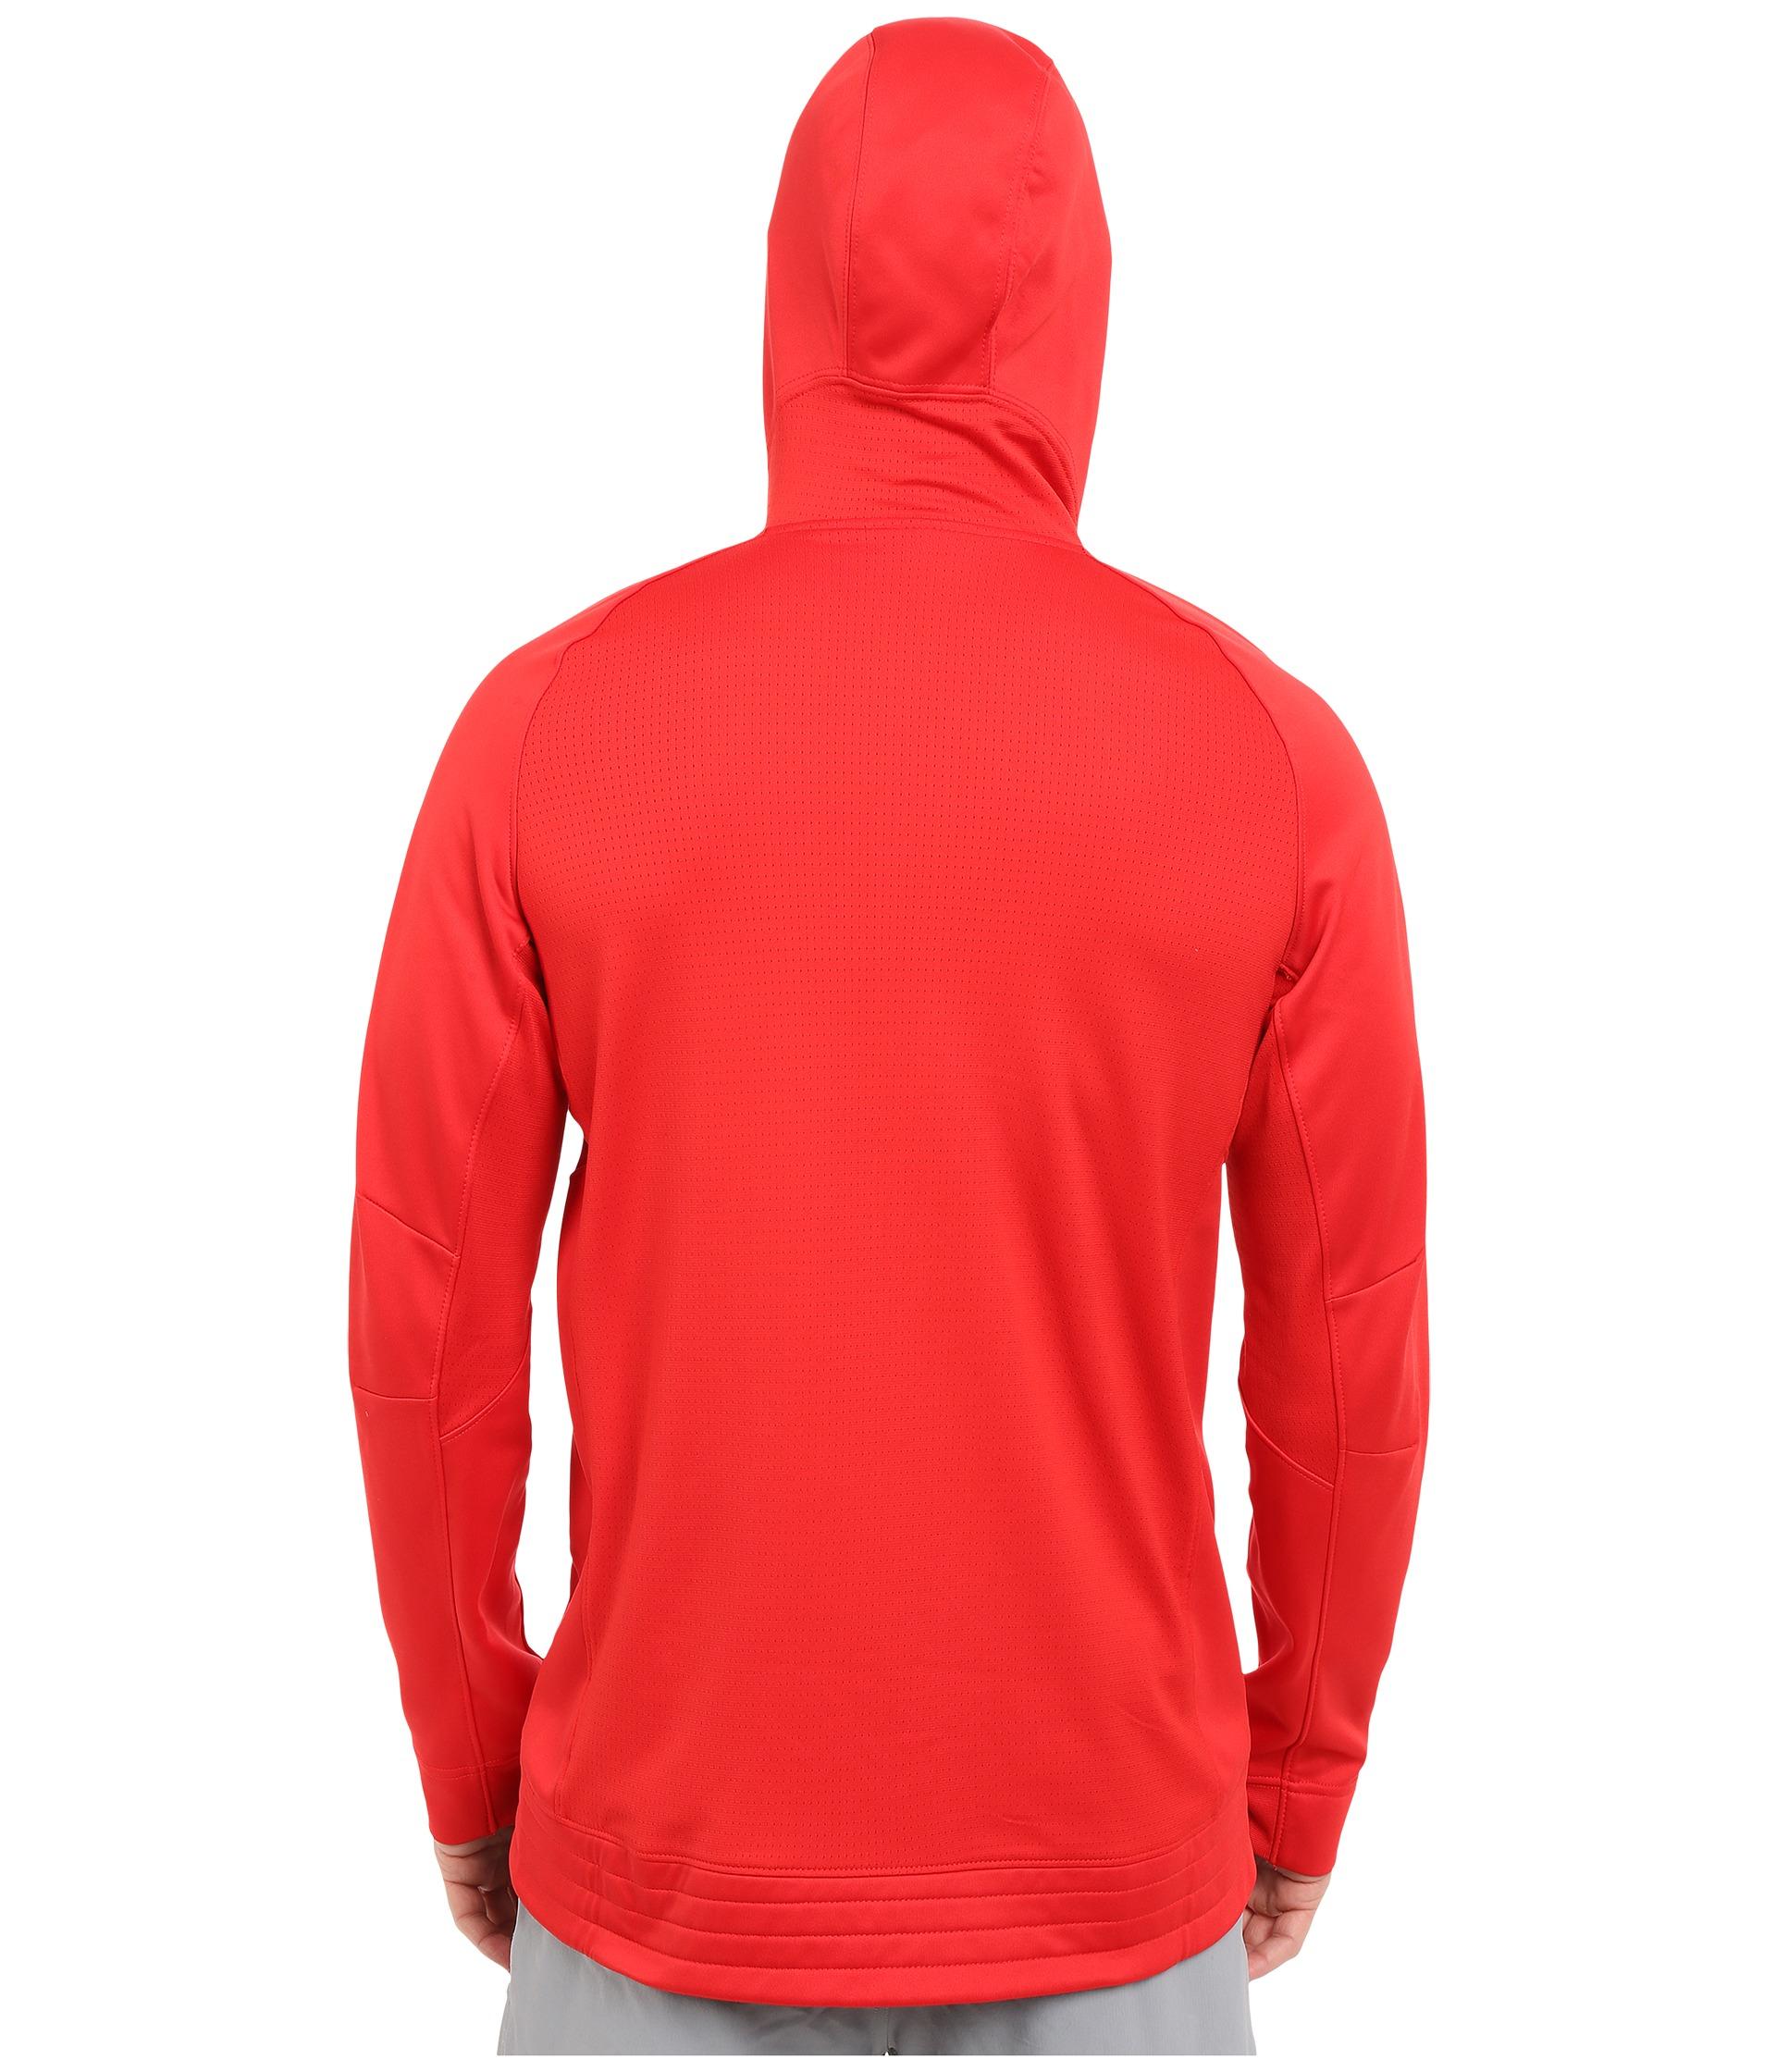 Nike Elite Stripe Hoodie In Red For Men Lyst